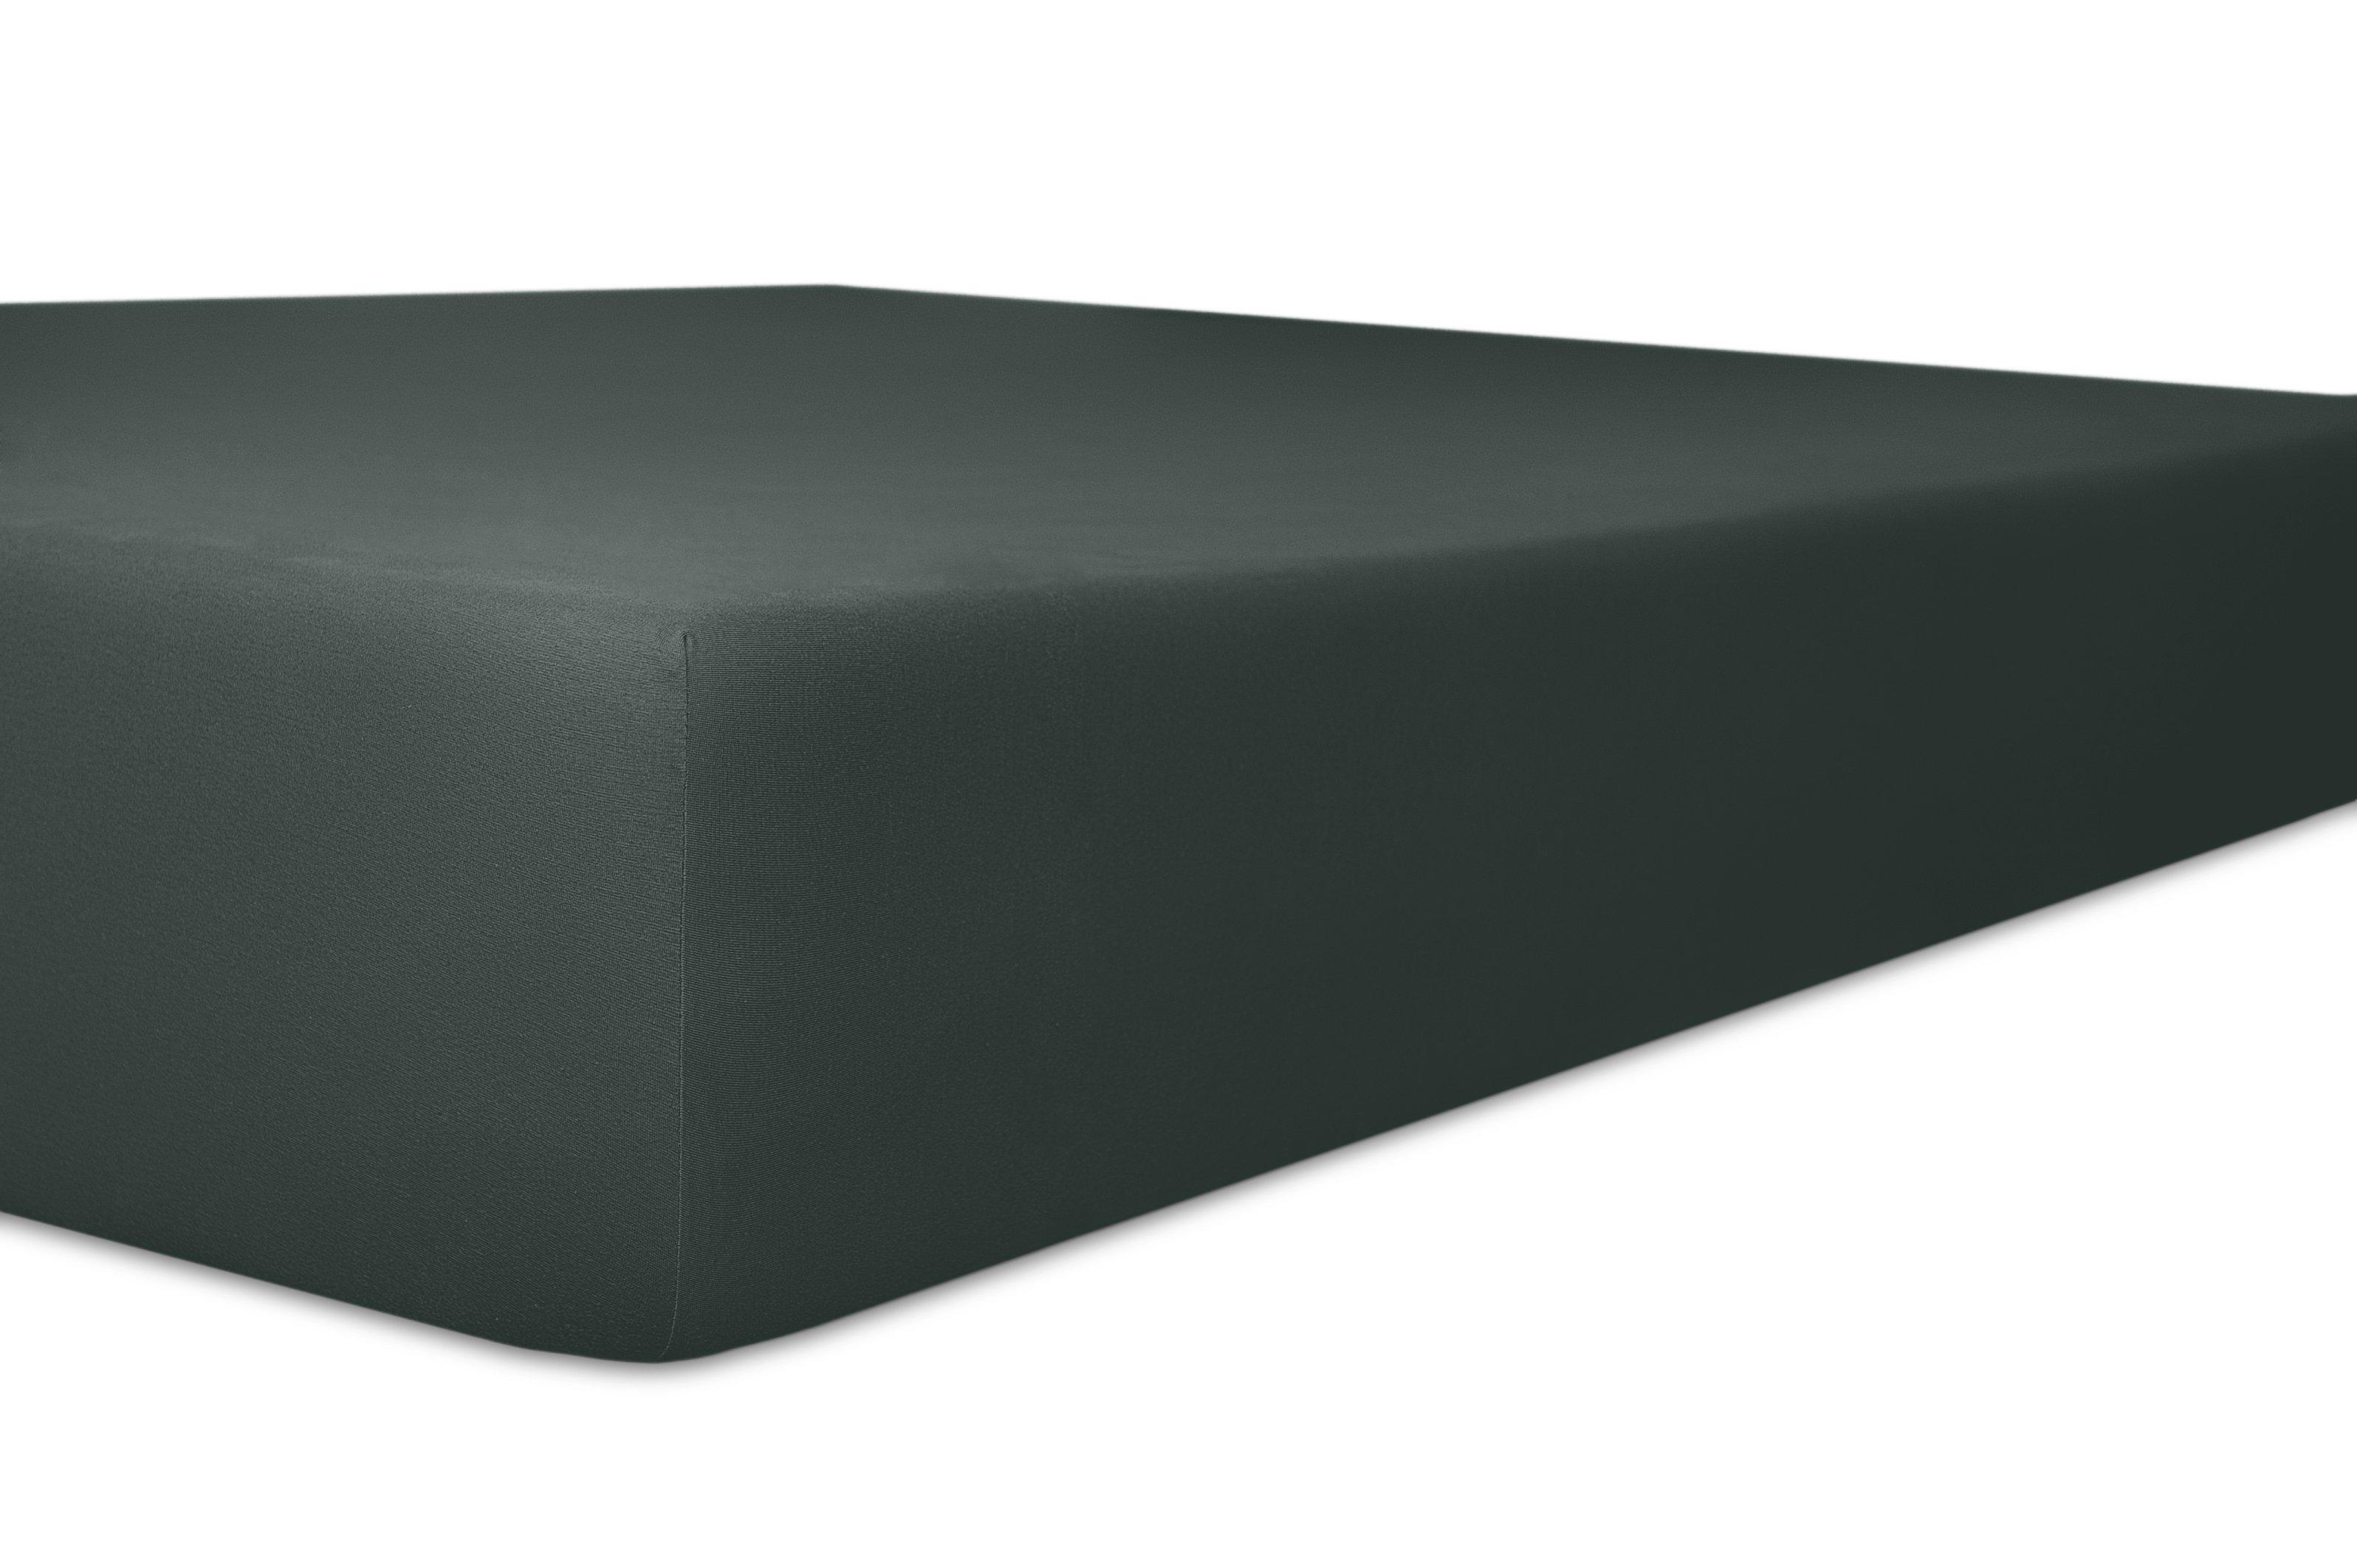 Spannbetttuch schwarz,180x200cm